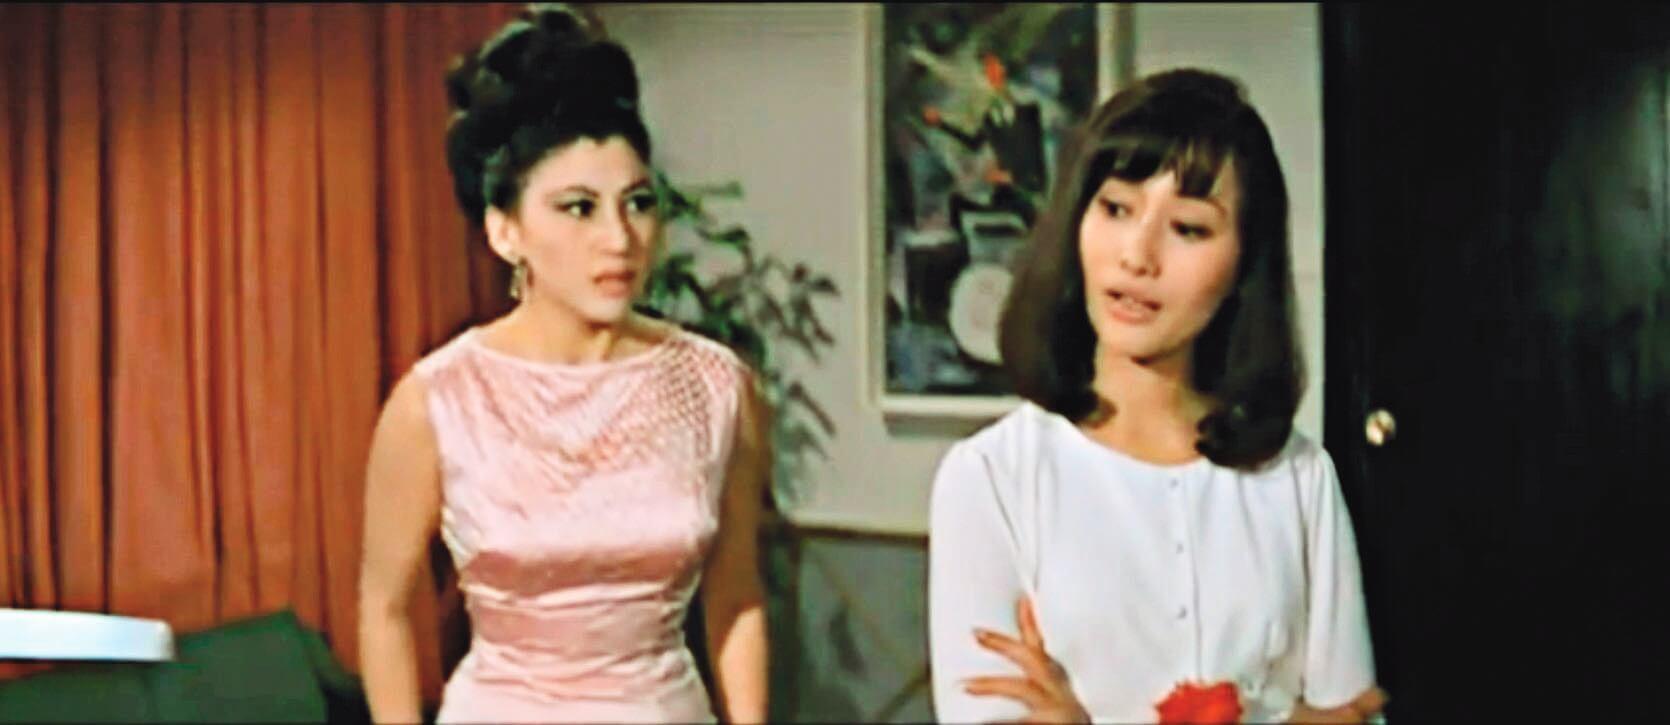 張仲文在《慾海情魔》與女兒胡燕妮上演母女情仇